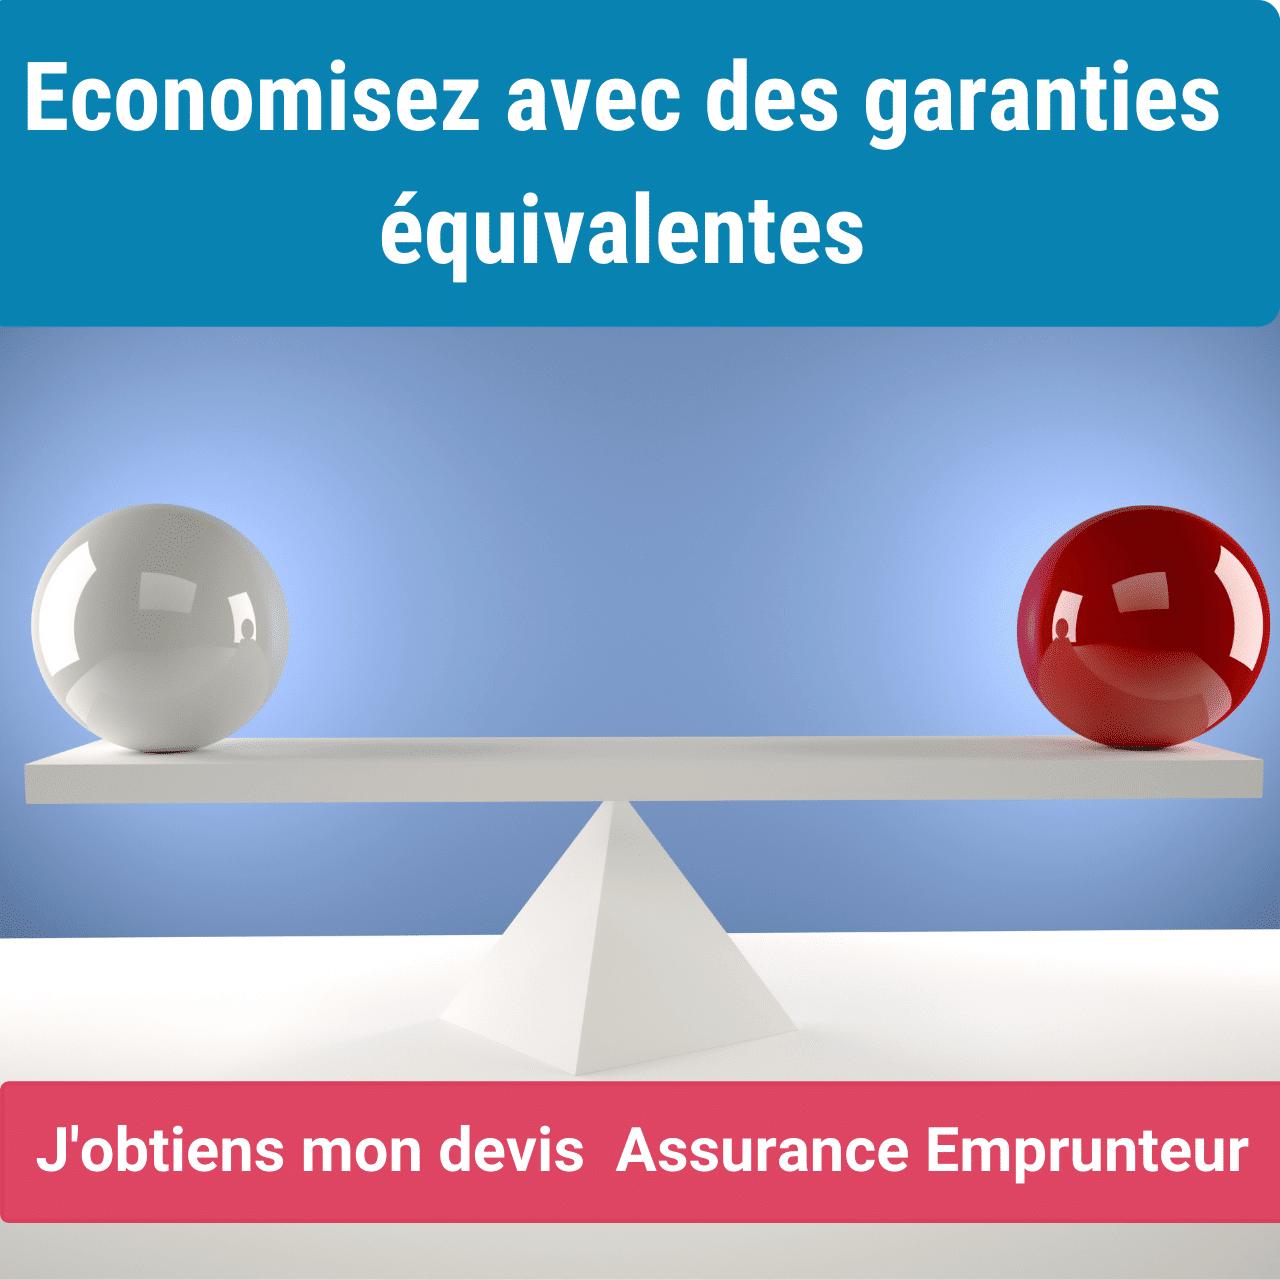 l'équivalence de garanties